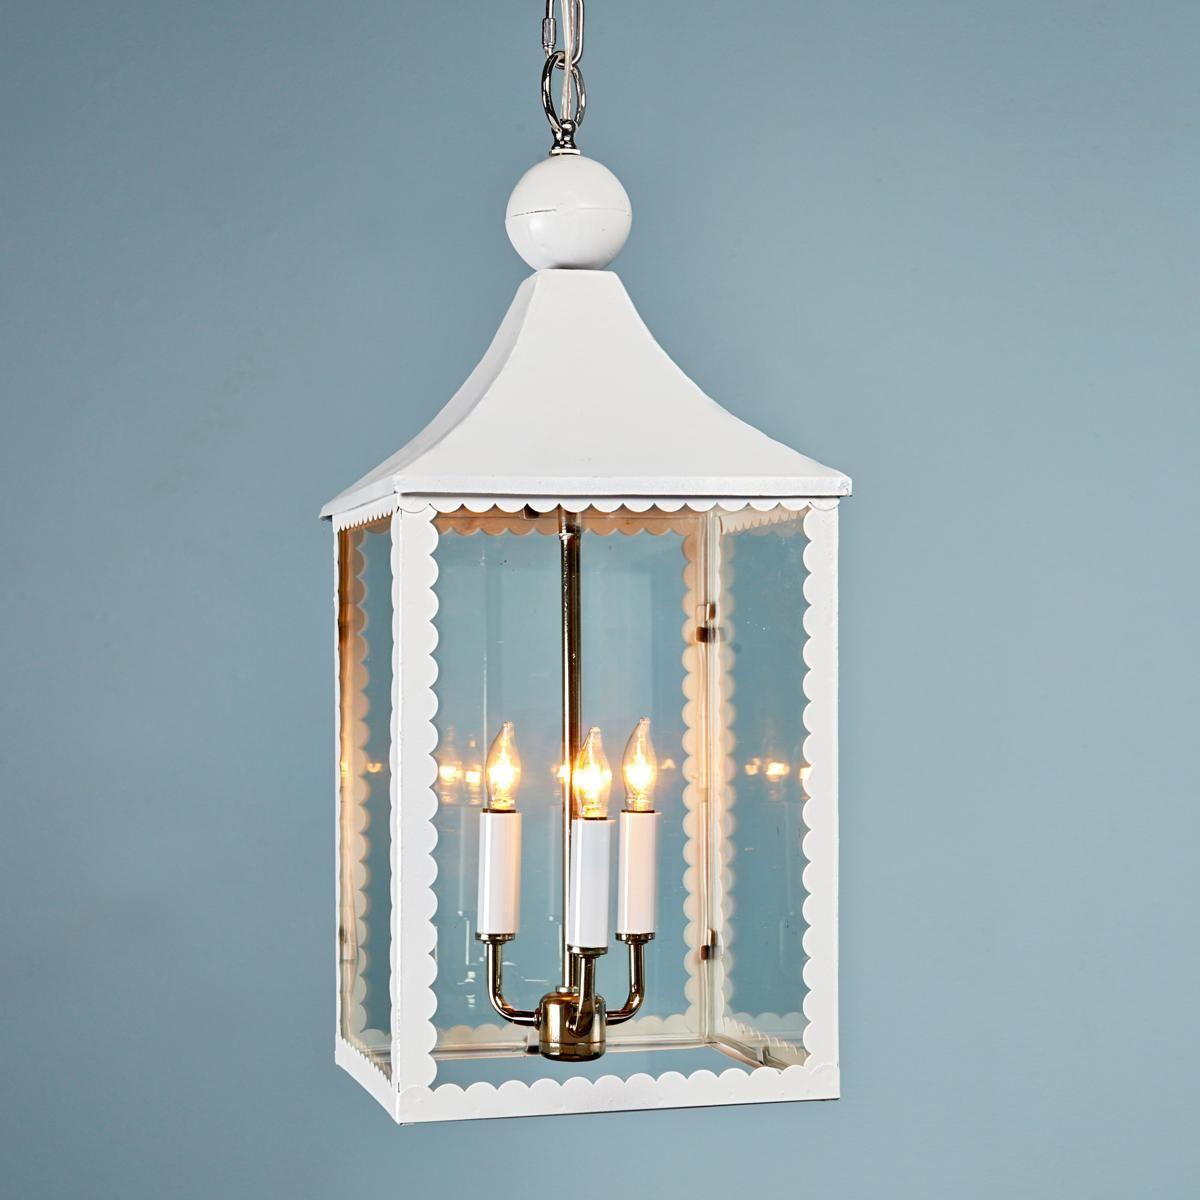 Scallop Trim Hanging Lantern | Hanging lanterns, Playrooms and Lights